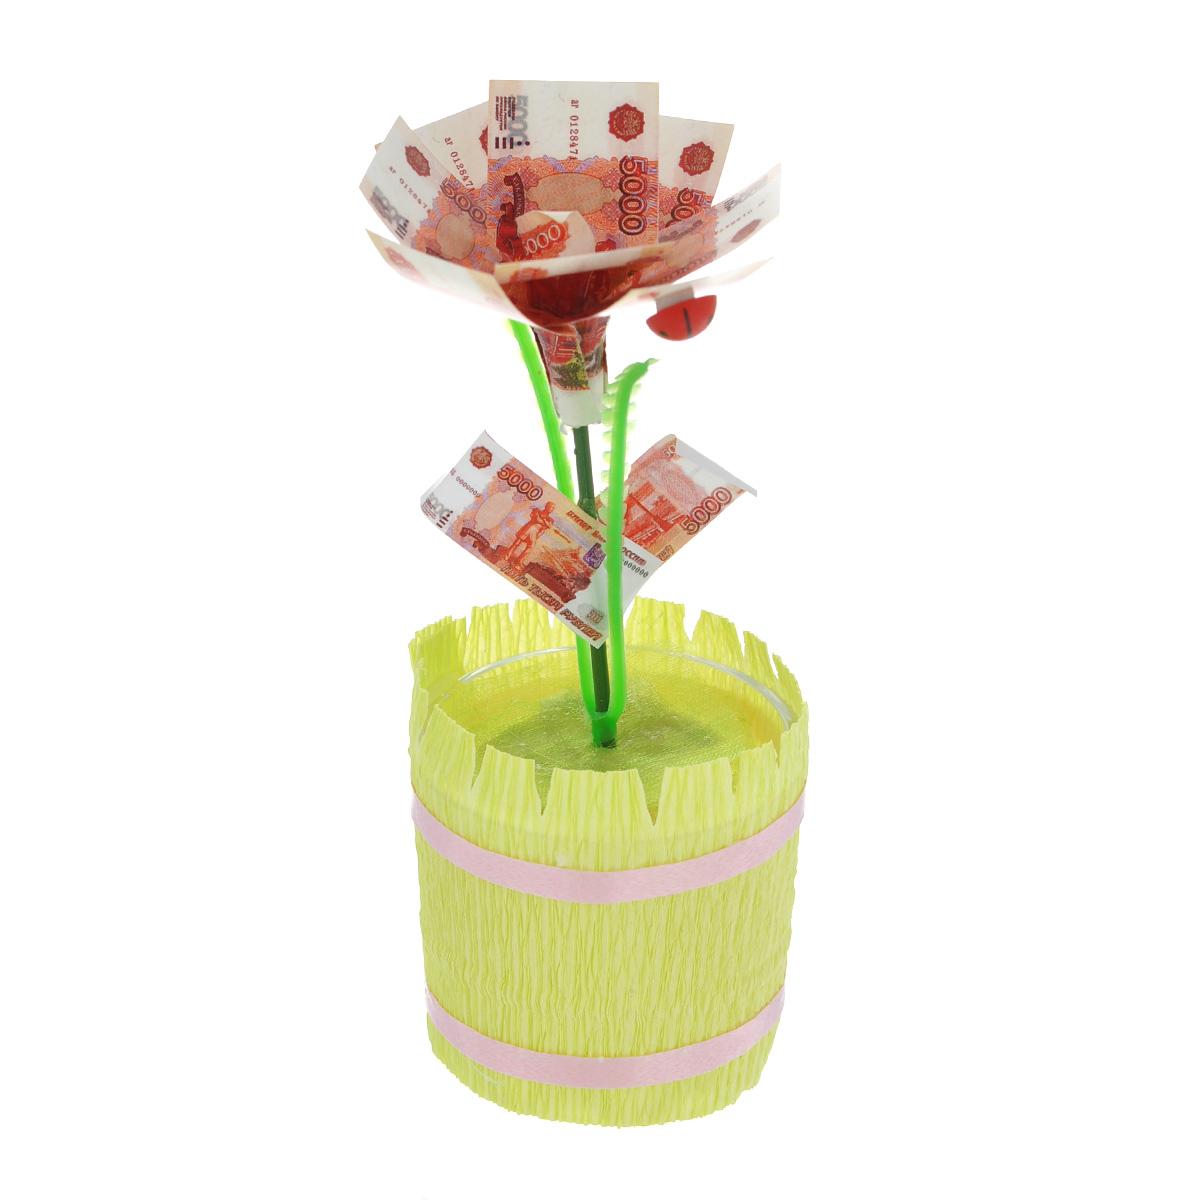 Денежный цветок Расцвет бизнеса рубли цвет в ассортименте .